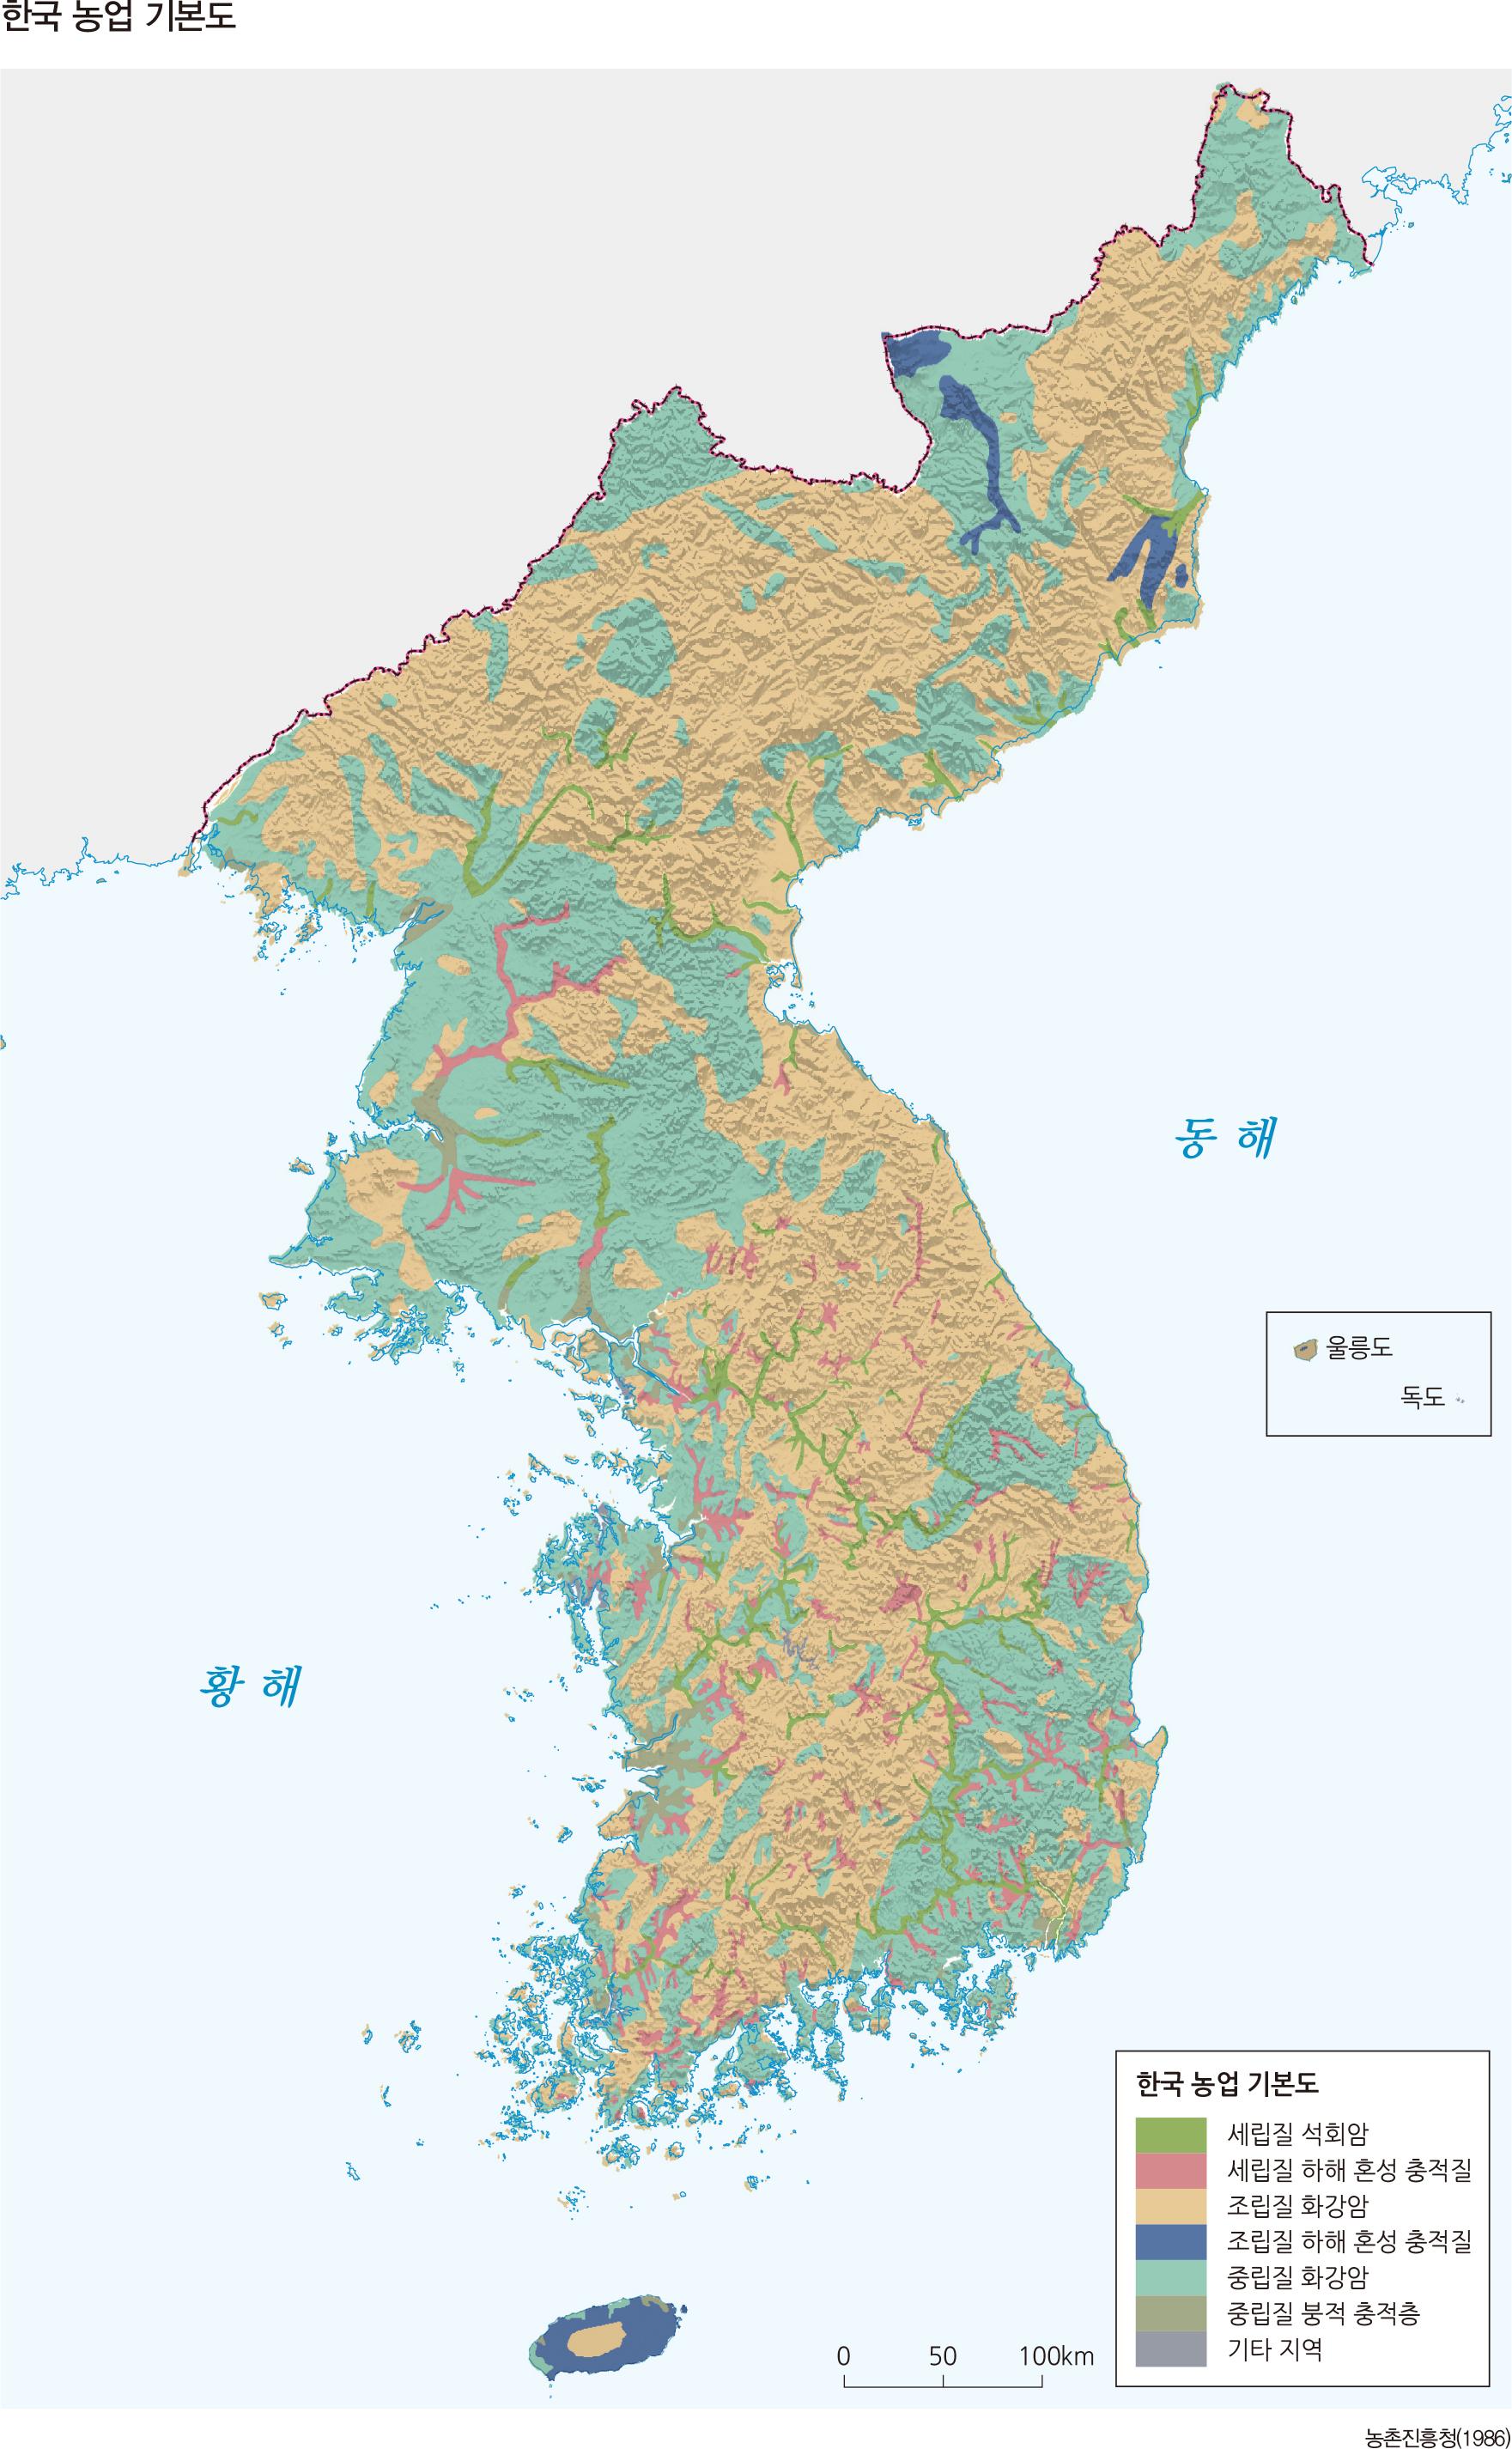 한국 농업 기본도